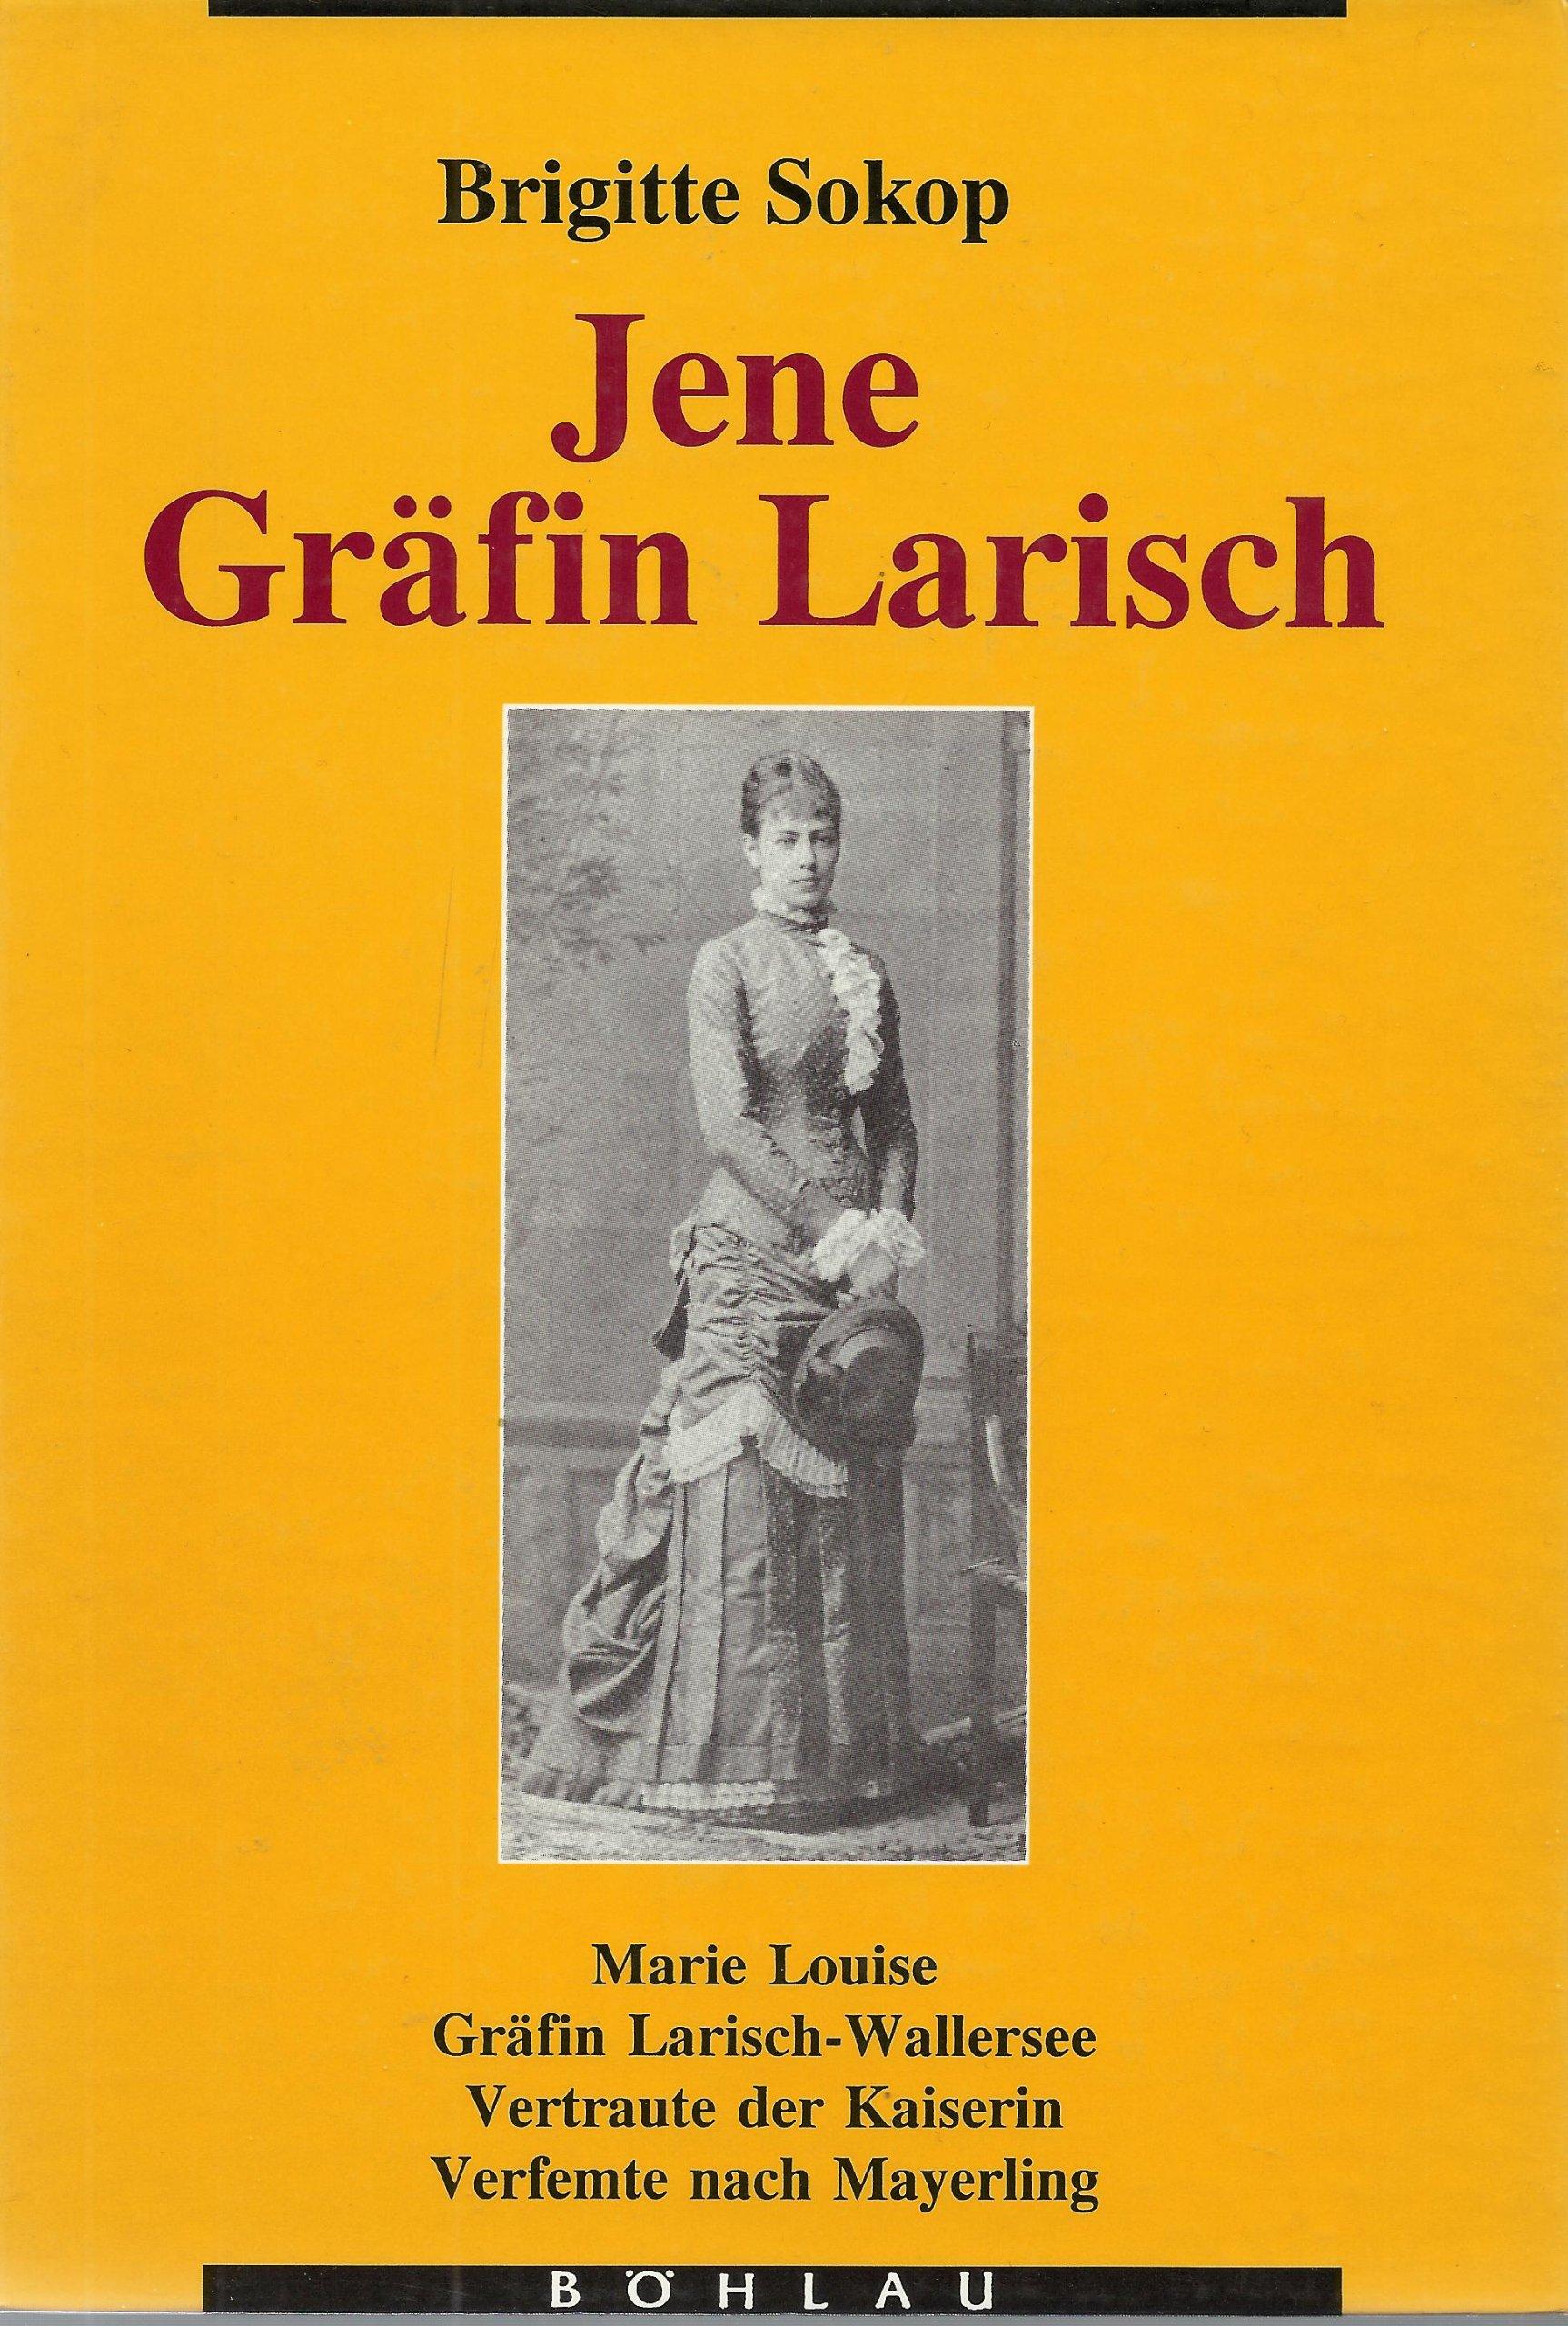 Jene Gräfin Larisch. Marie Louise Gräfin Larisch-Wallersee. Vertraute der Kaiserin - Verfemte nach Mayerling